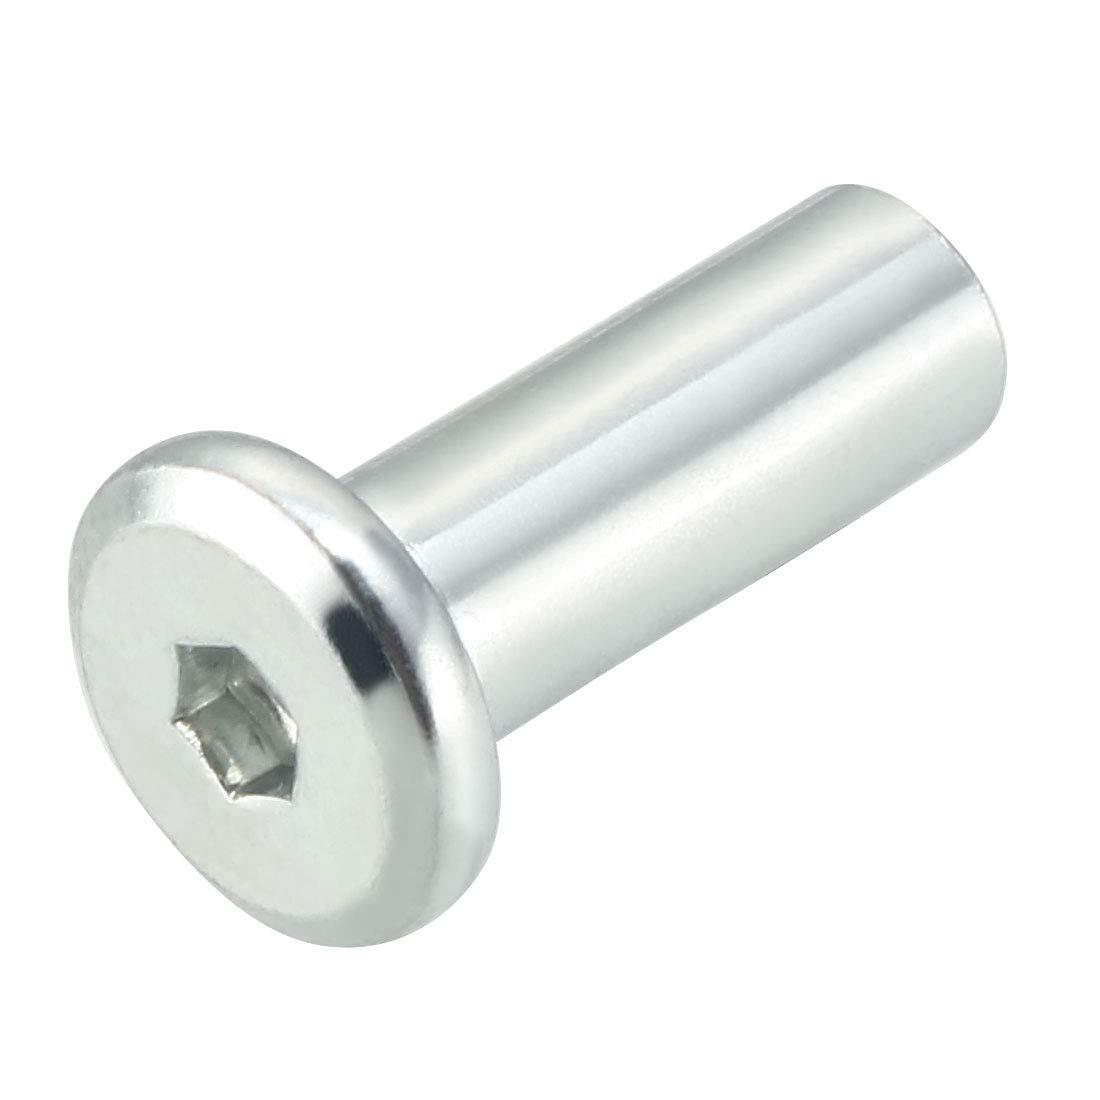 sourcingmap 25pcs M6 Rivet Hex Socket Head Cap Screw Barrel Nut Furniture Hardware a15030400ux0178